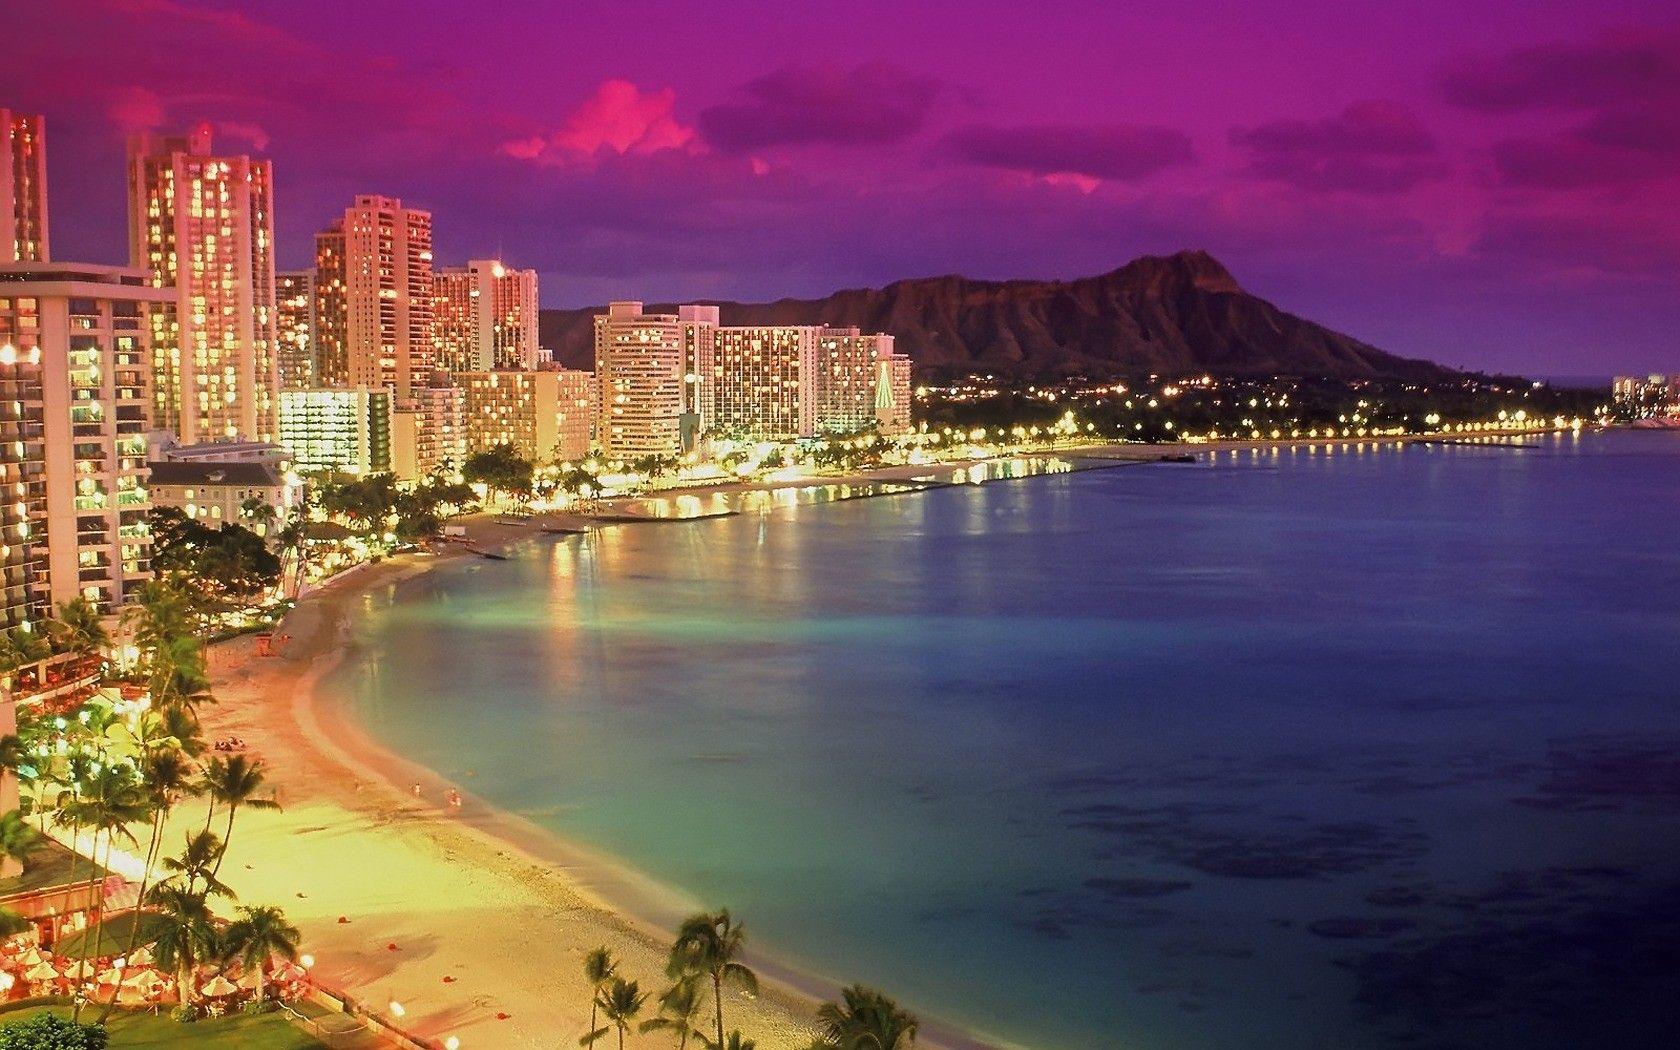 40 Waikiki Beach Sunset Wallpapers   Download at WallpaperBro 1680x1050